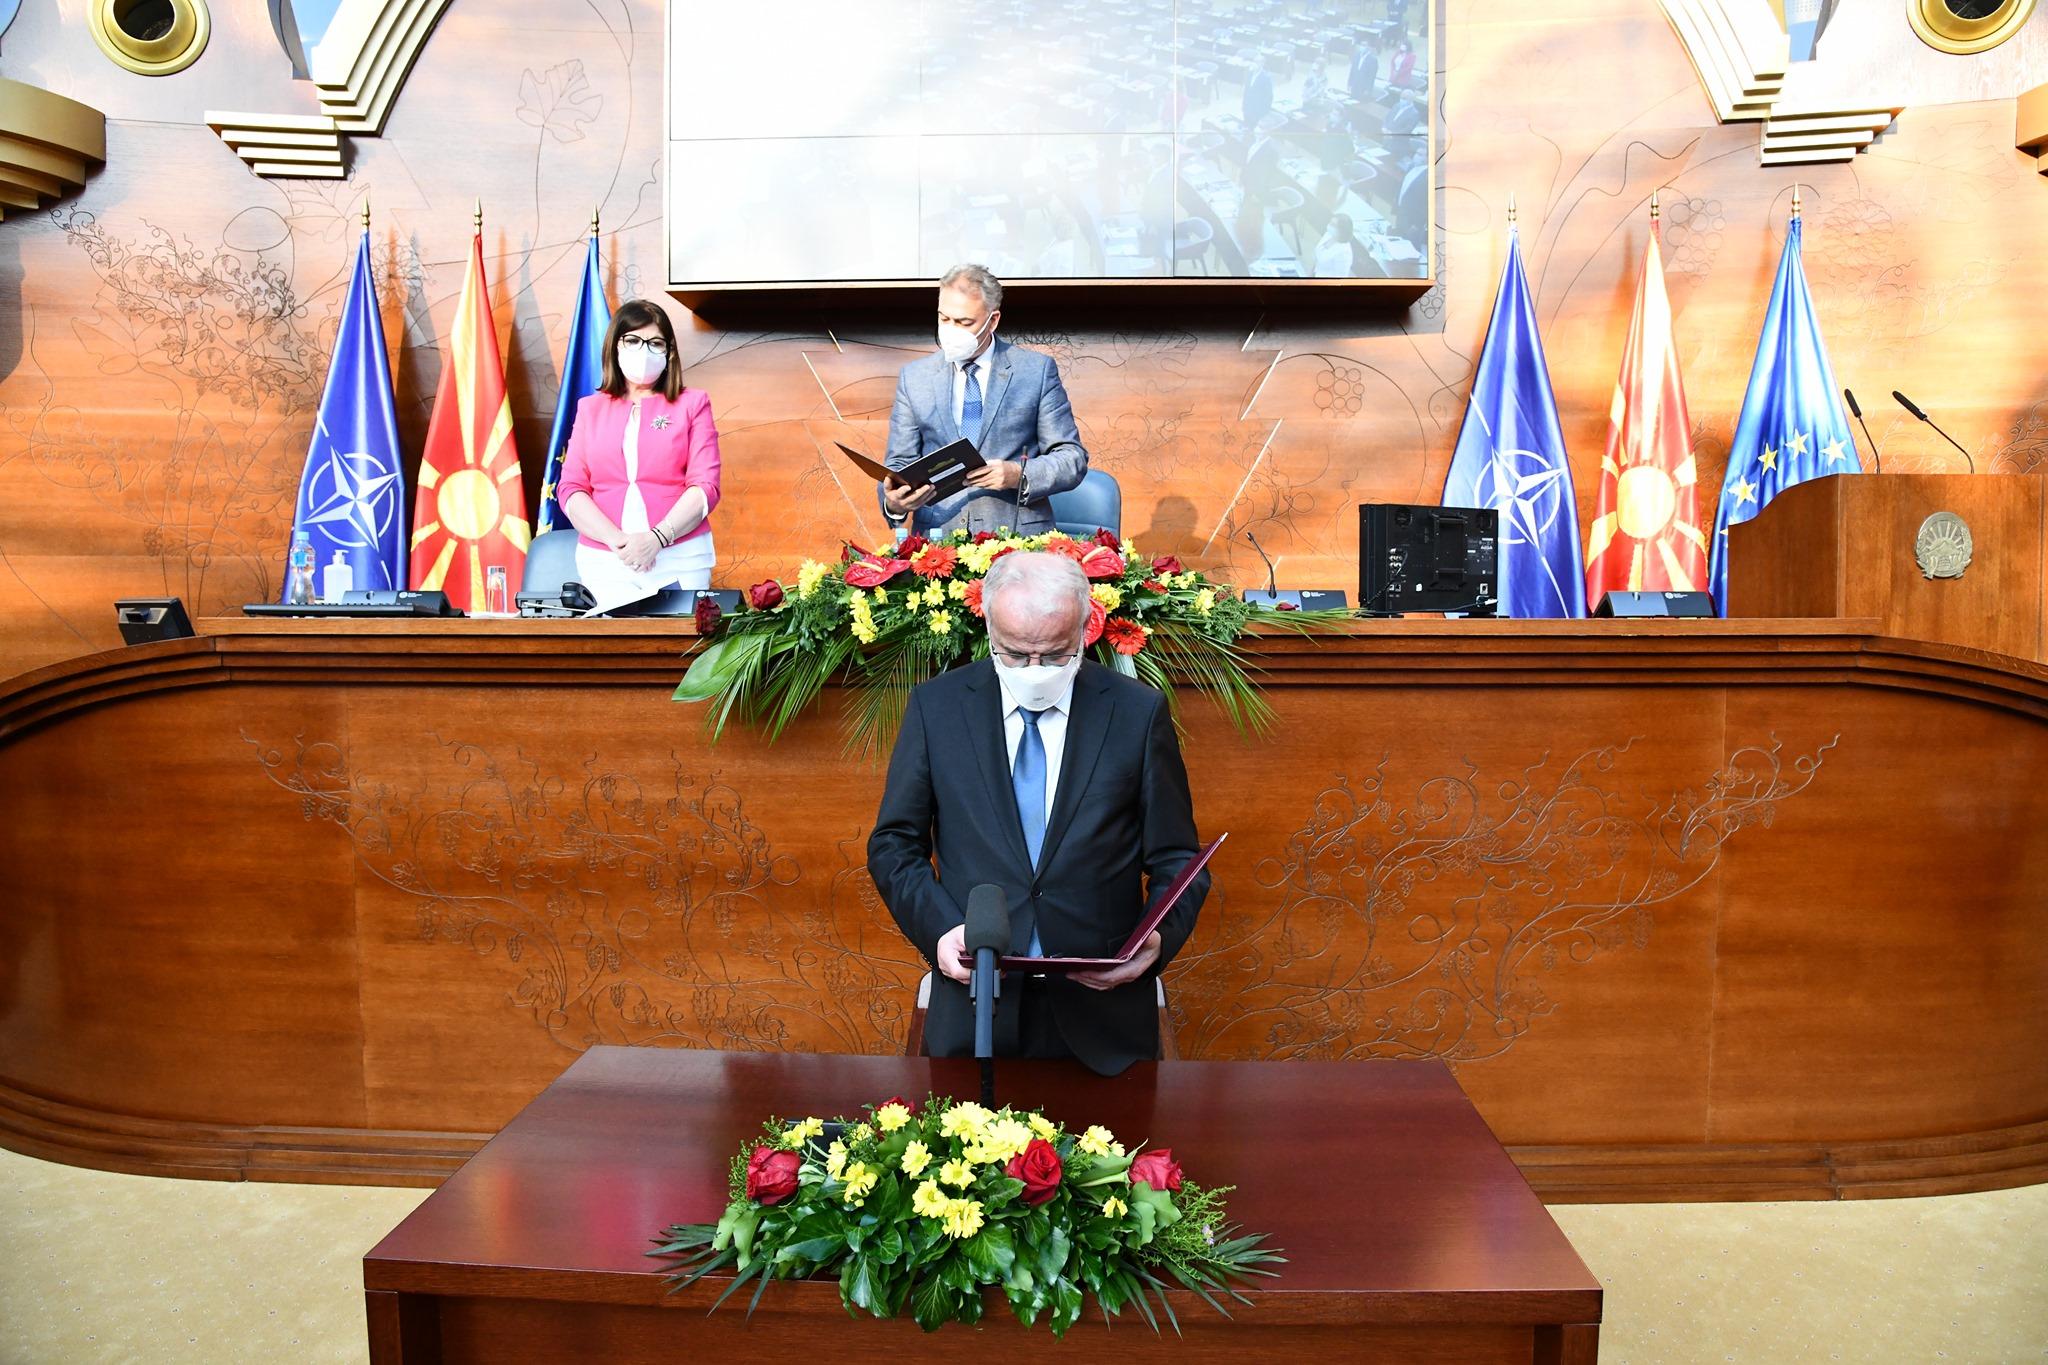 U rizgjodh në krye të Parlamentit në RMV, Xhaferi: Do të jem kryetar i të gjithë 120 deputetëve